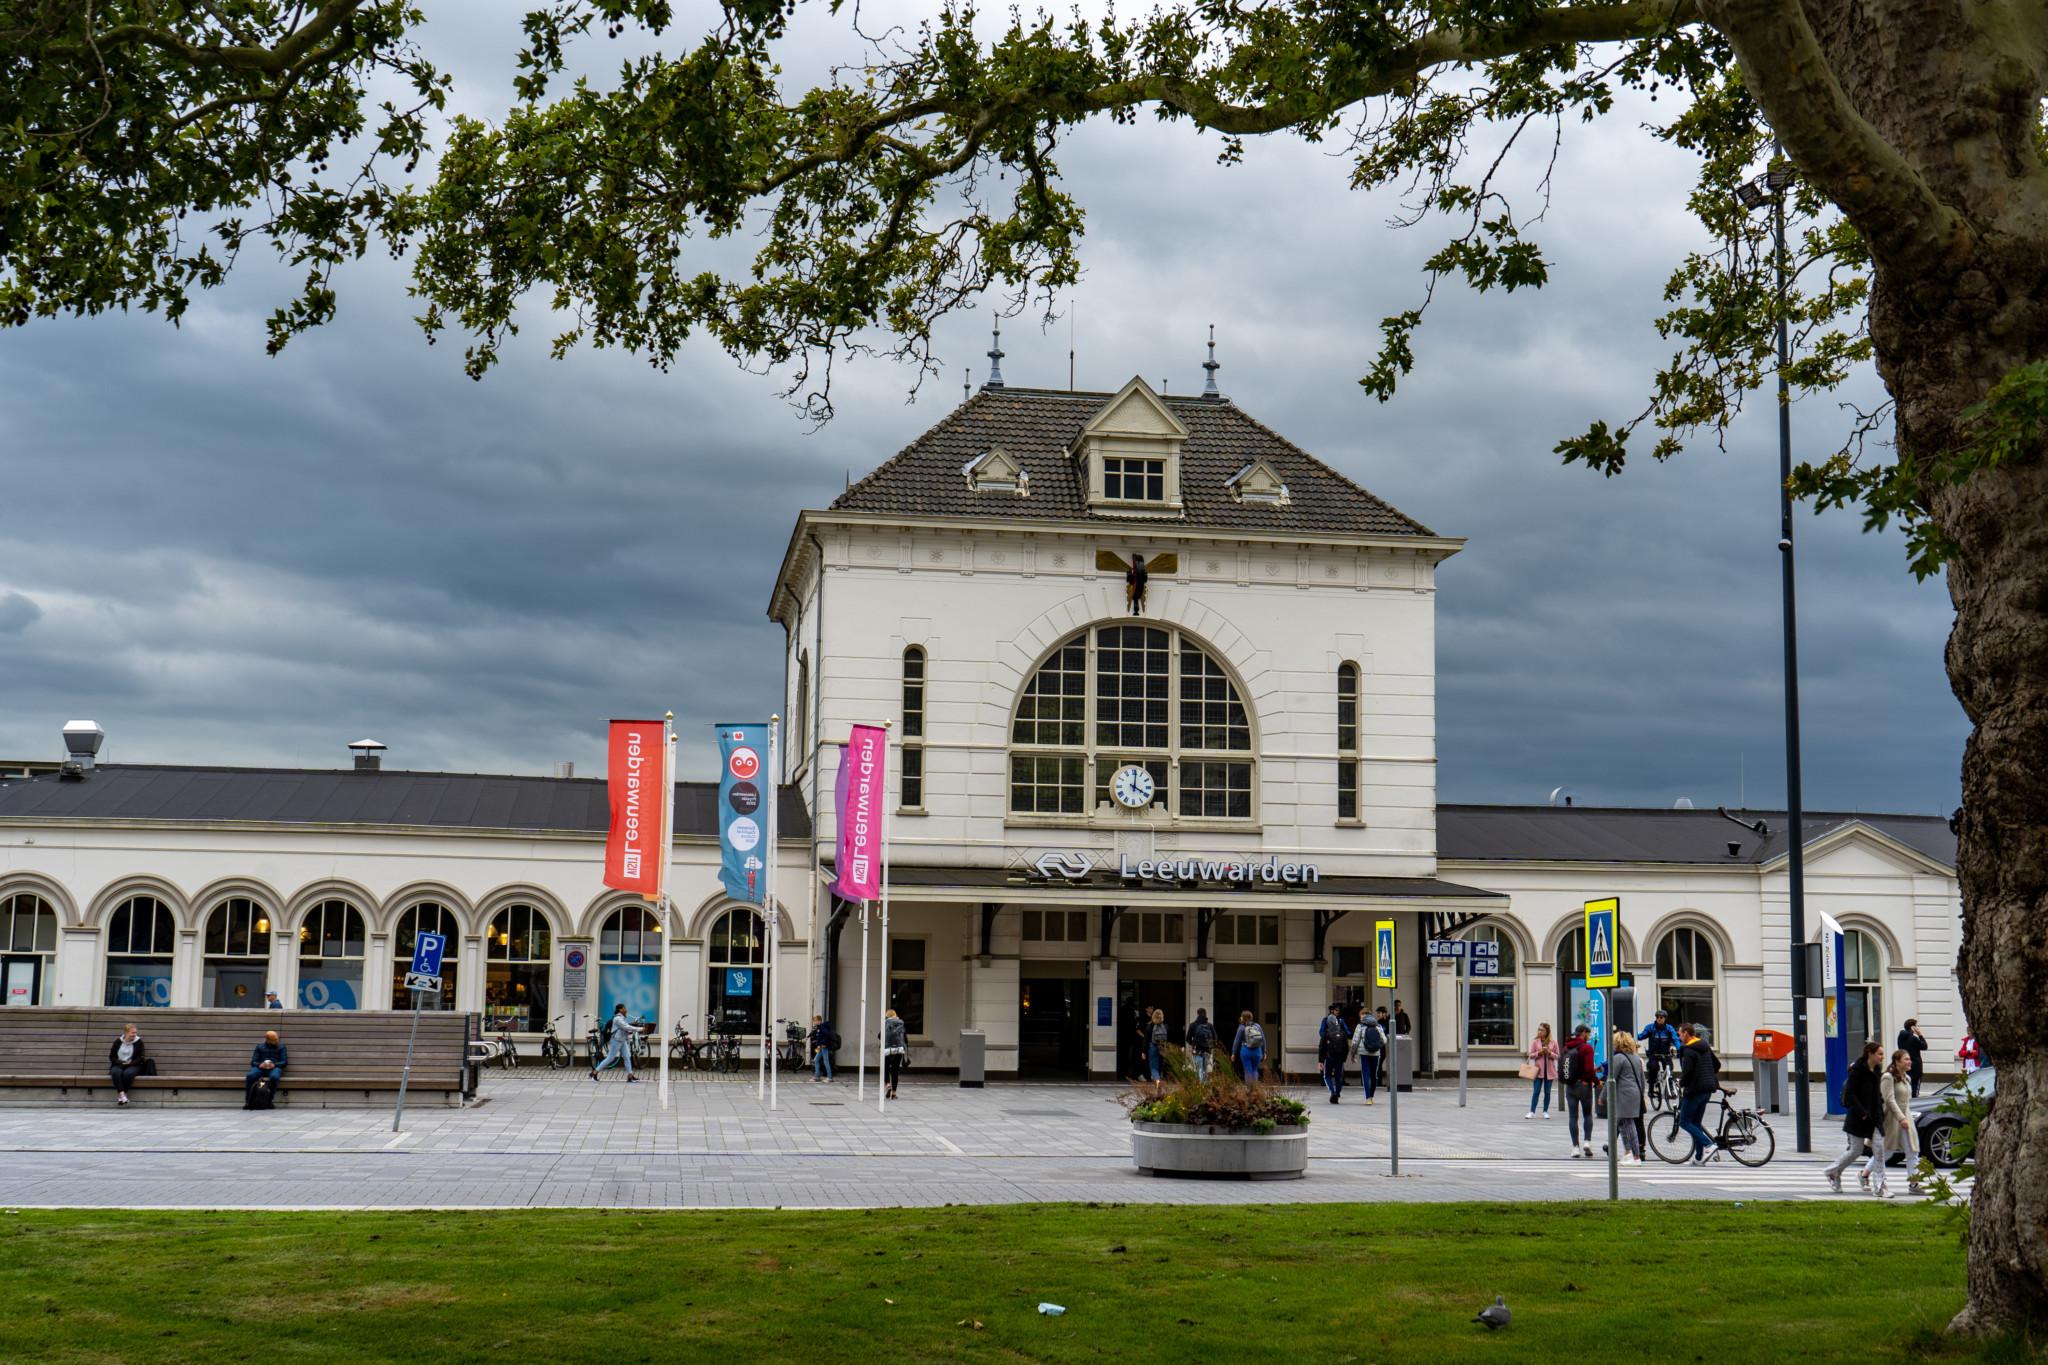 Centraal Station in Leeuwarden